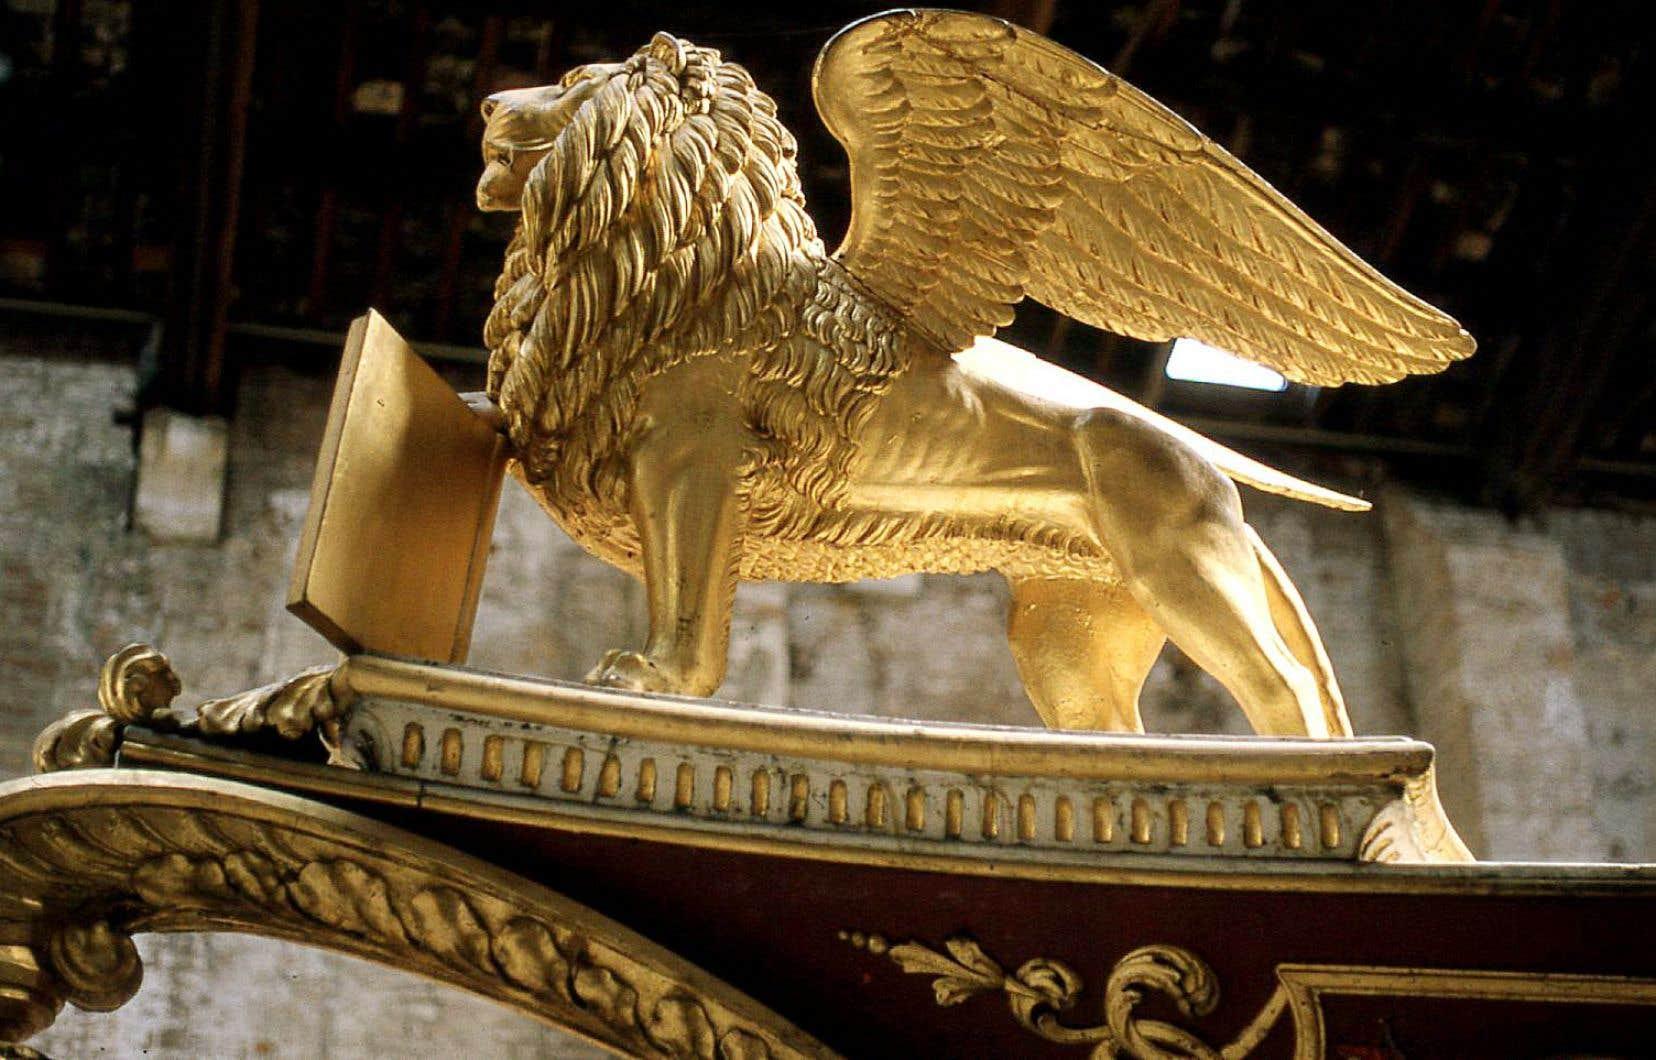 Dans le Padiglione delle Navi, annexe du musée, le lion de saint Marc en figure de proue d'un ancien navire de parade